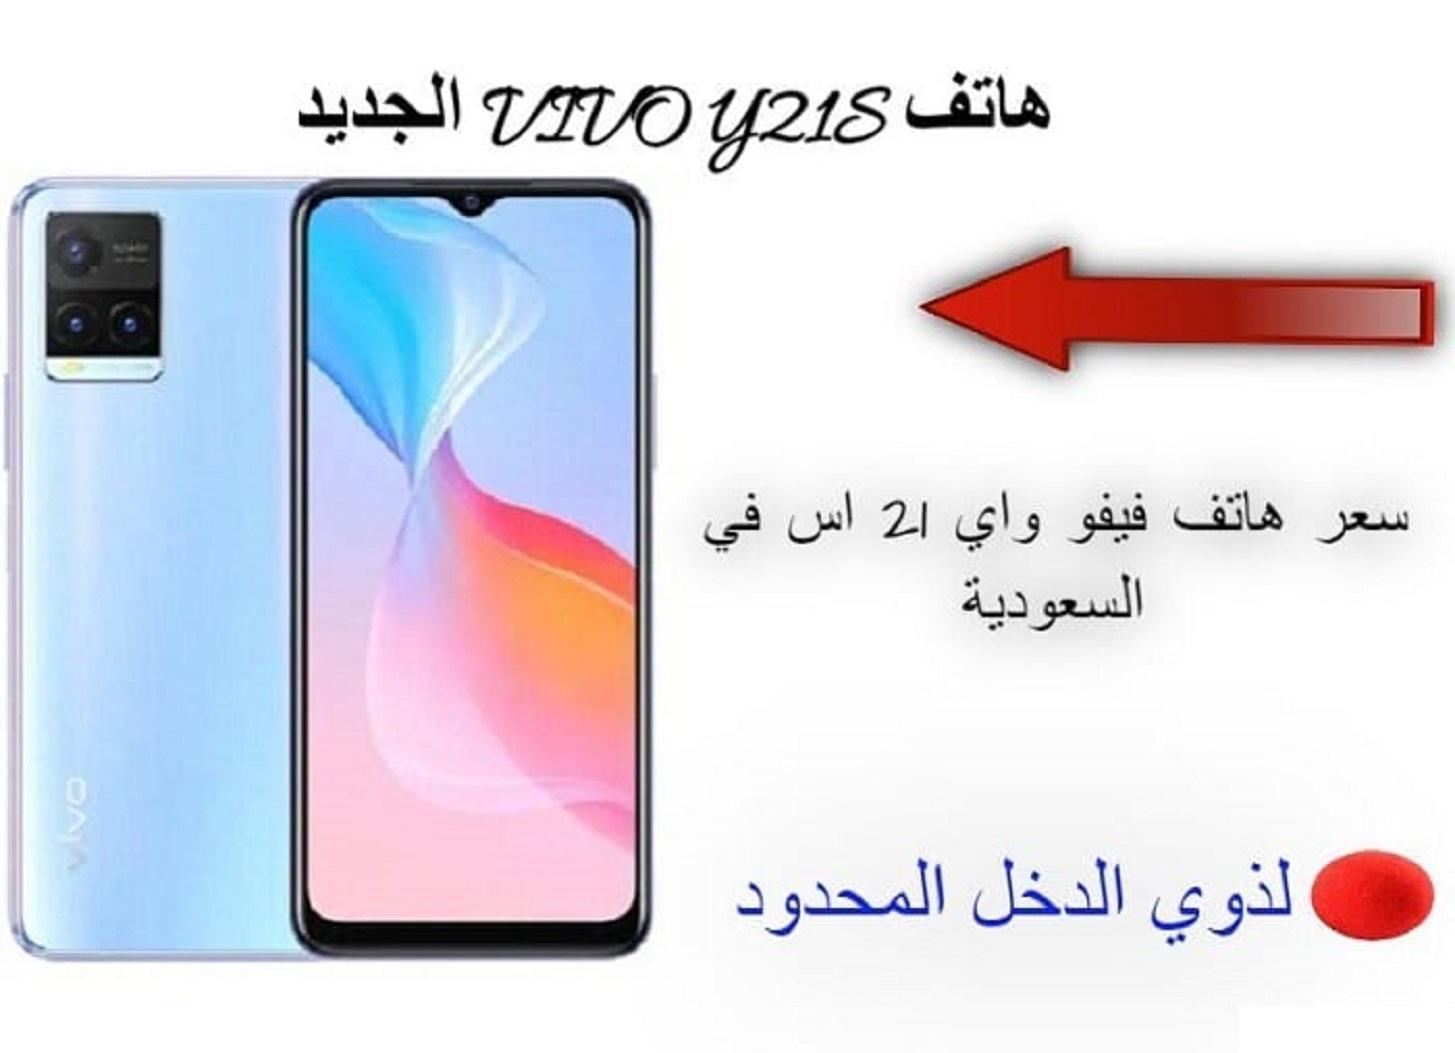 سعر فيفو واي 21 اس .. مواصفات ومزايا الهاتف الاقتصاديVivo Y21s